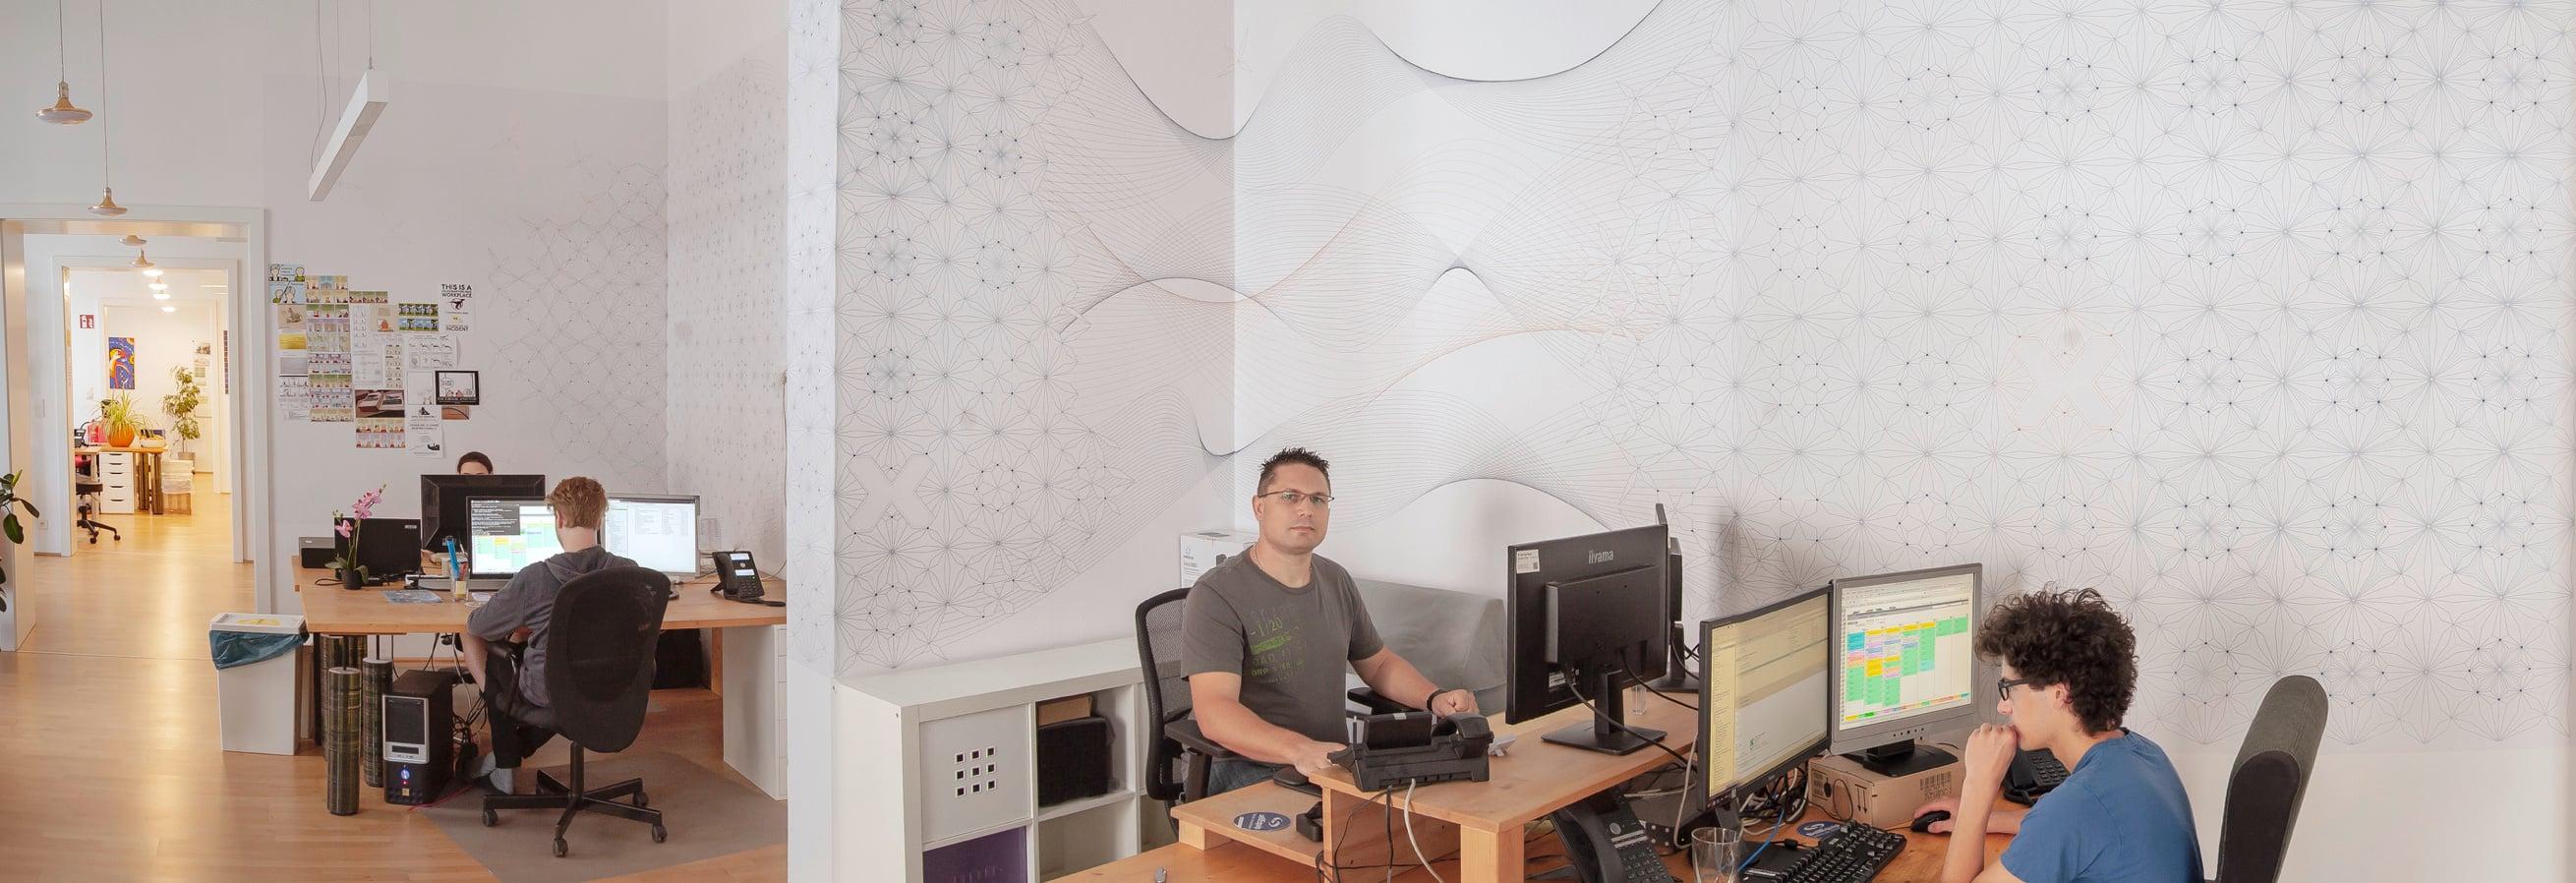 Bild aus der Netzwerk-Abteilung